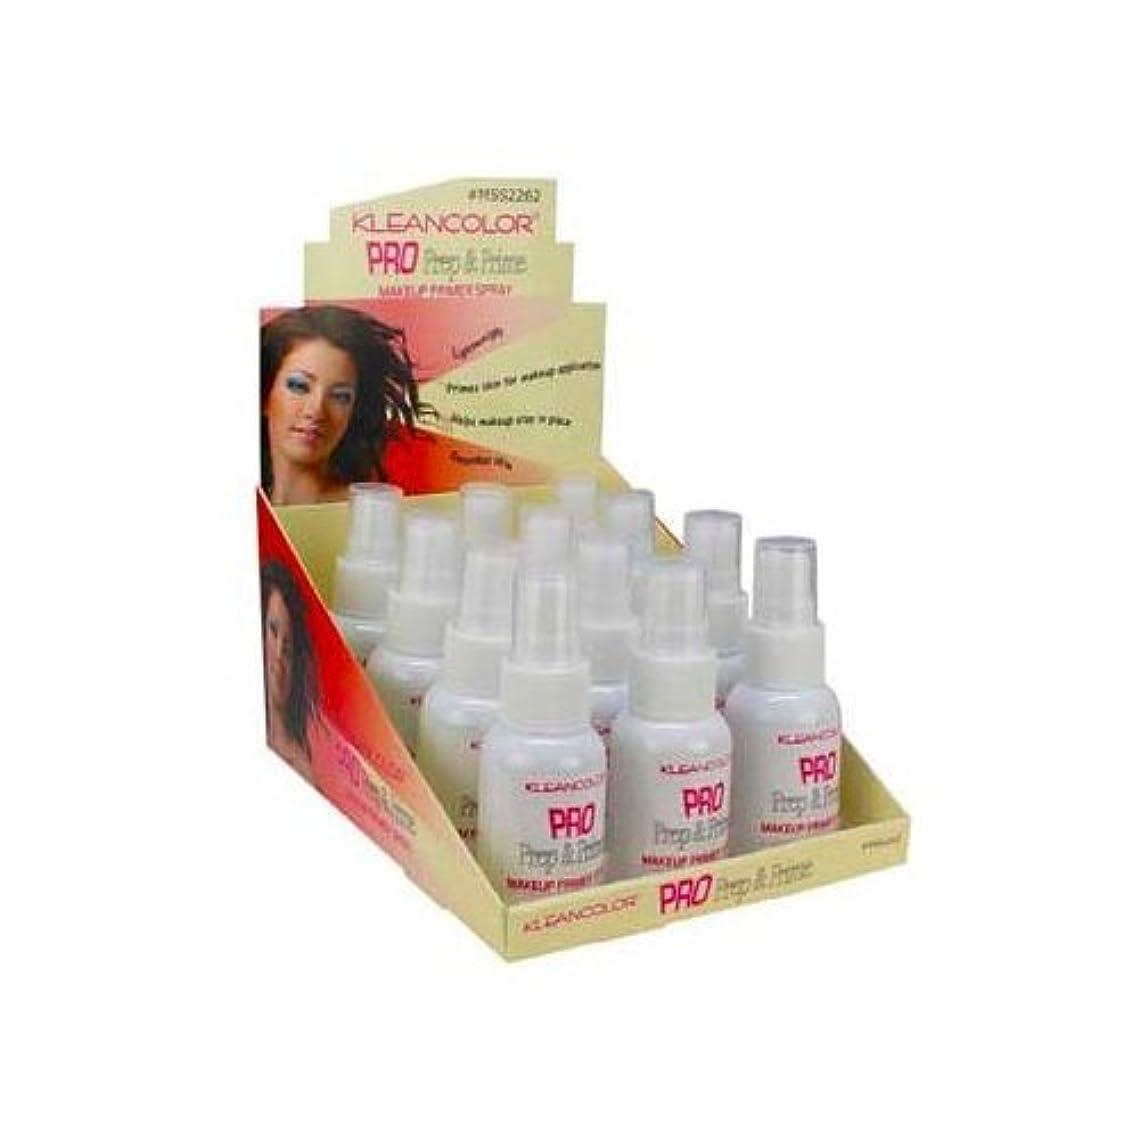 胴体ベット肉のKLEANCOLOR Pro Prep and Prime - Makeup Primer Spray (並行輸入品)